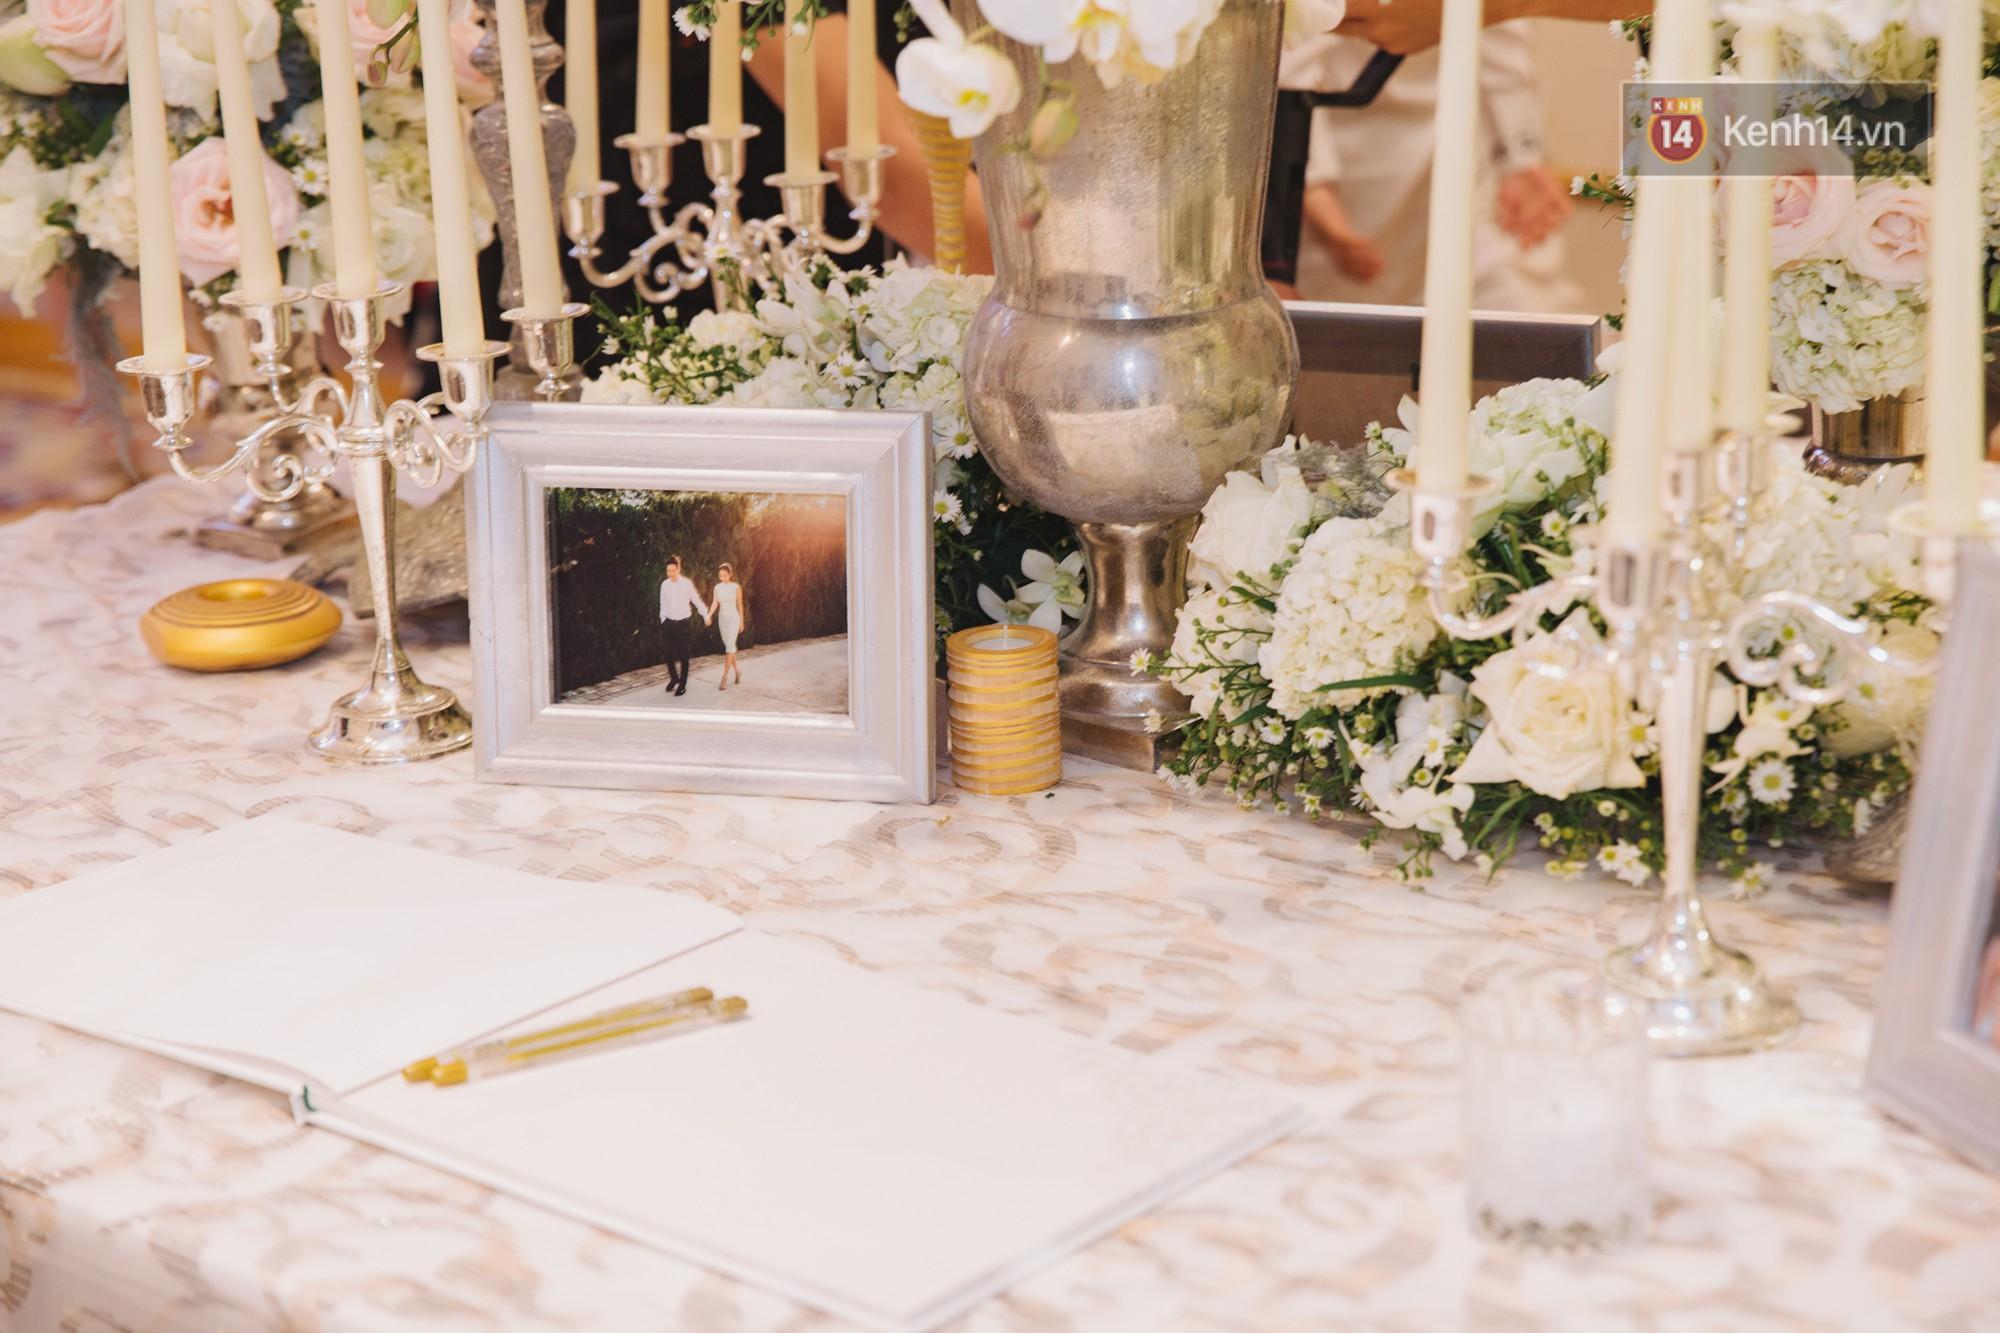 Dù rất hồi hộp, Lê Hiếu vẫn kịp nhắn đến bà xã lời hứa ngọt ngào trong đám cưới-8